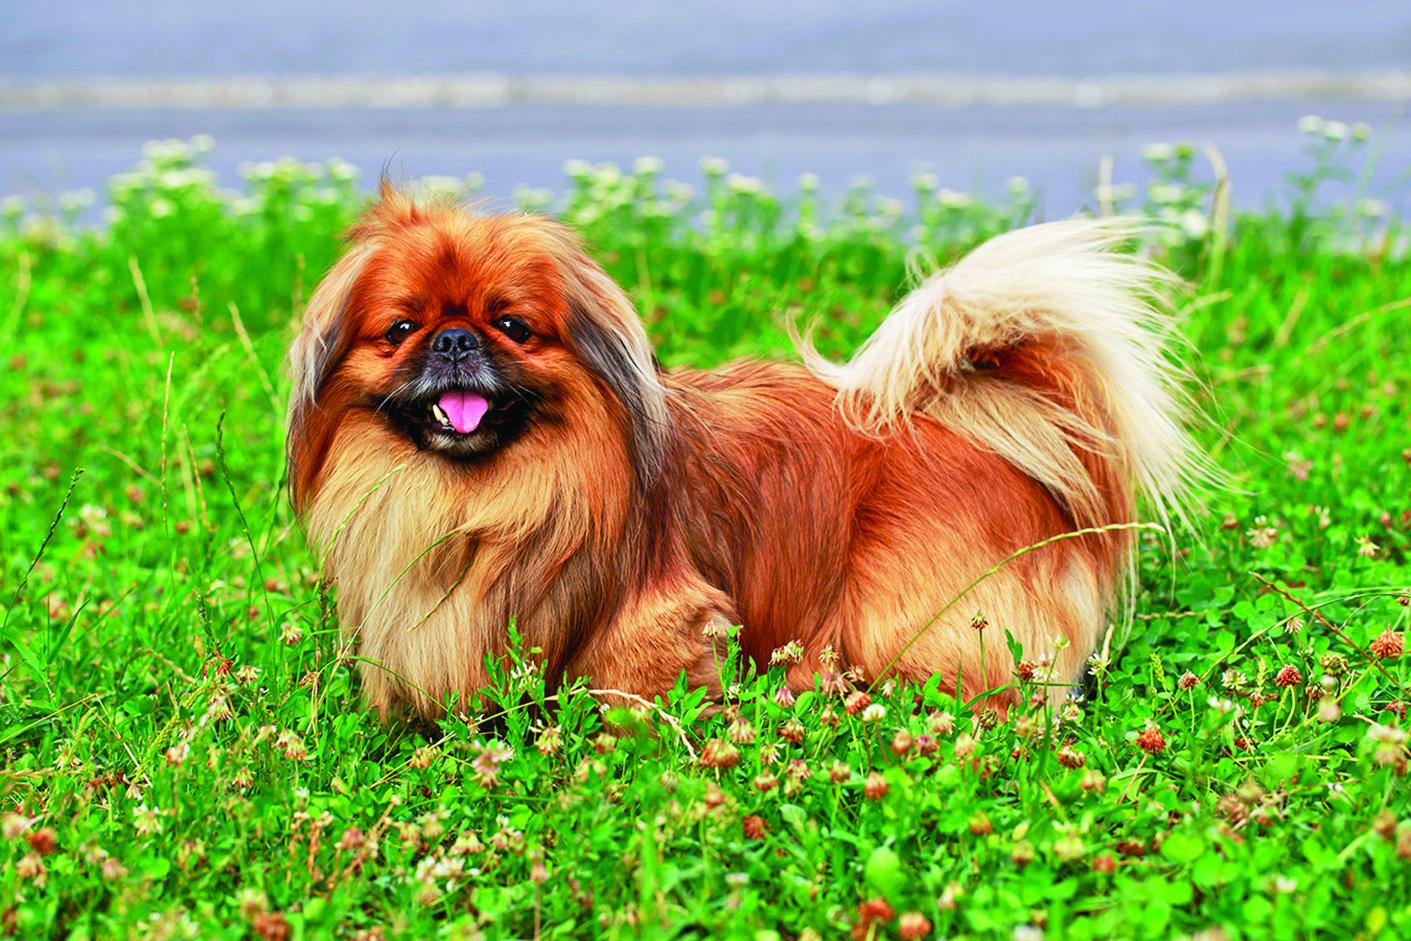 北京犬又稱獅子狗,它擁有狂野的毛髮,且具有貴族性格。